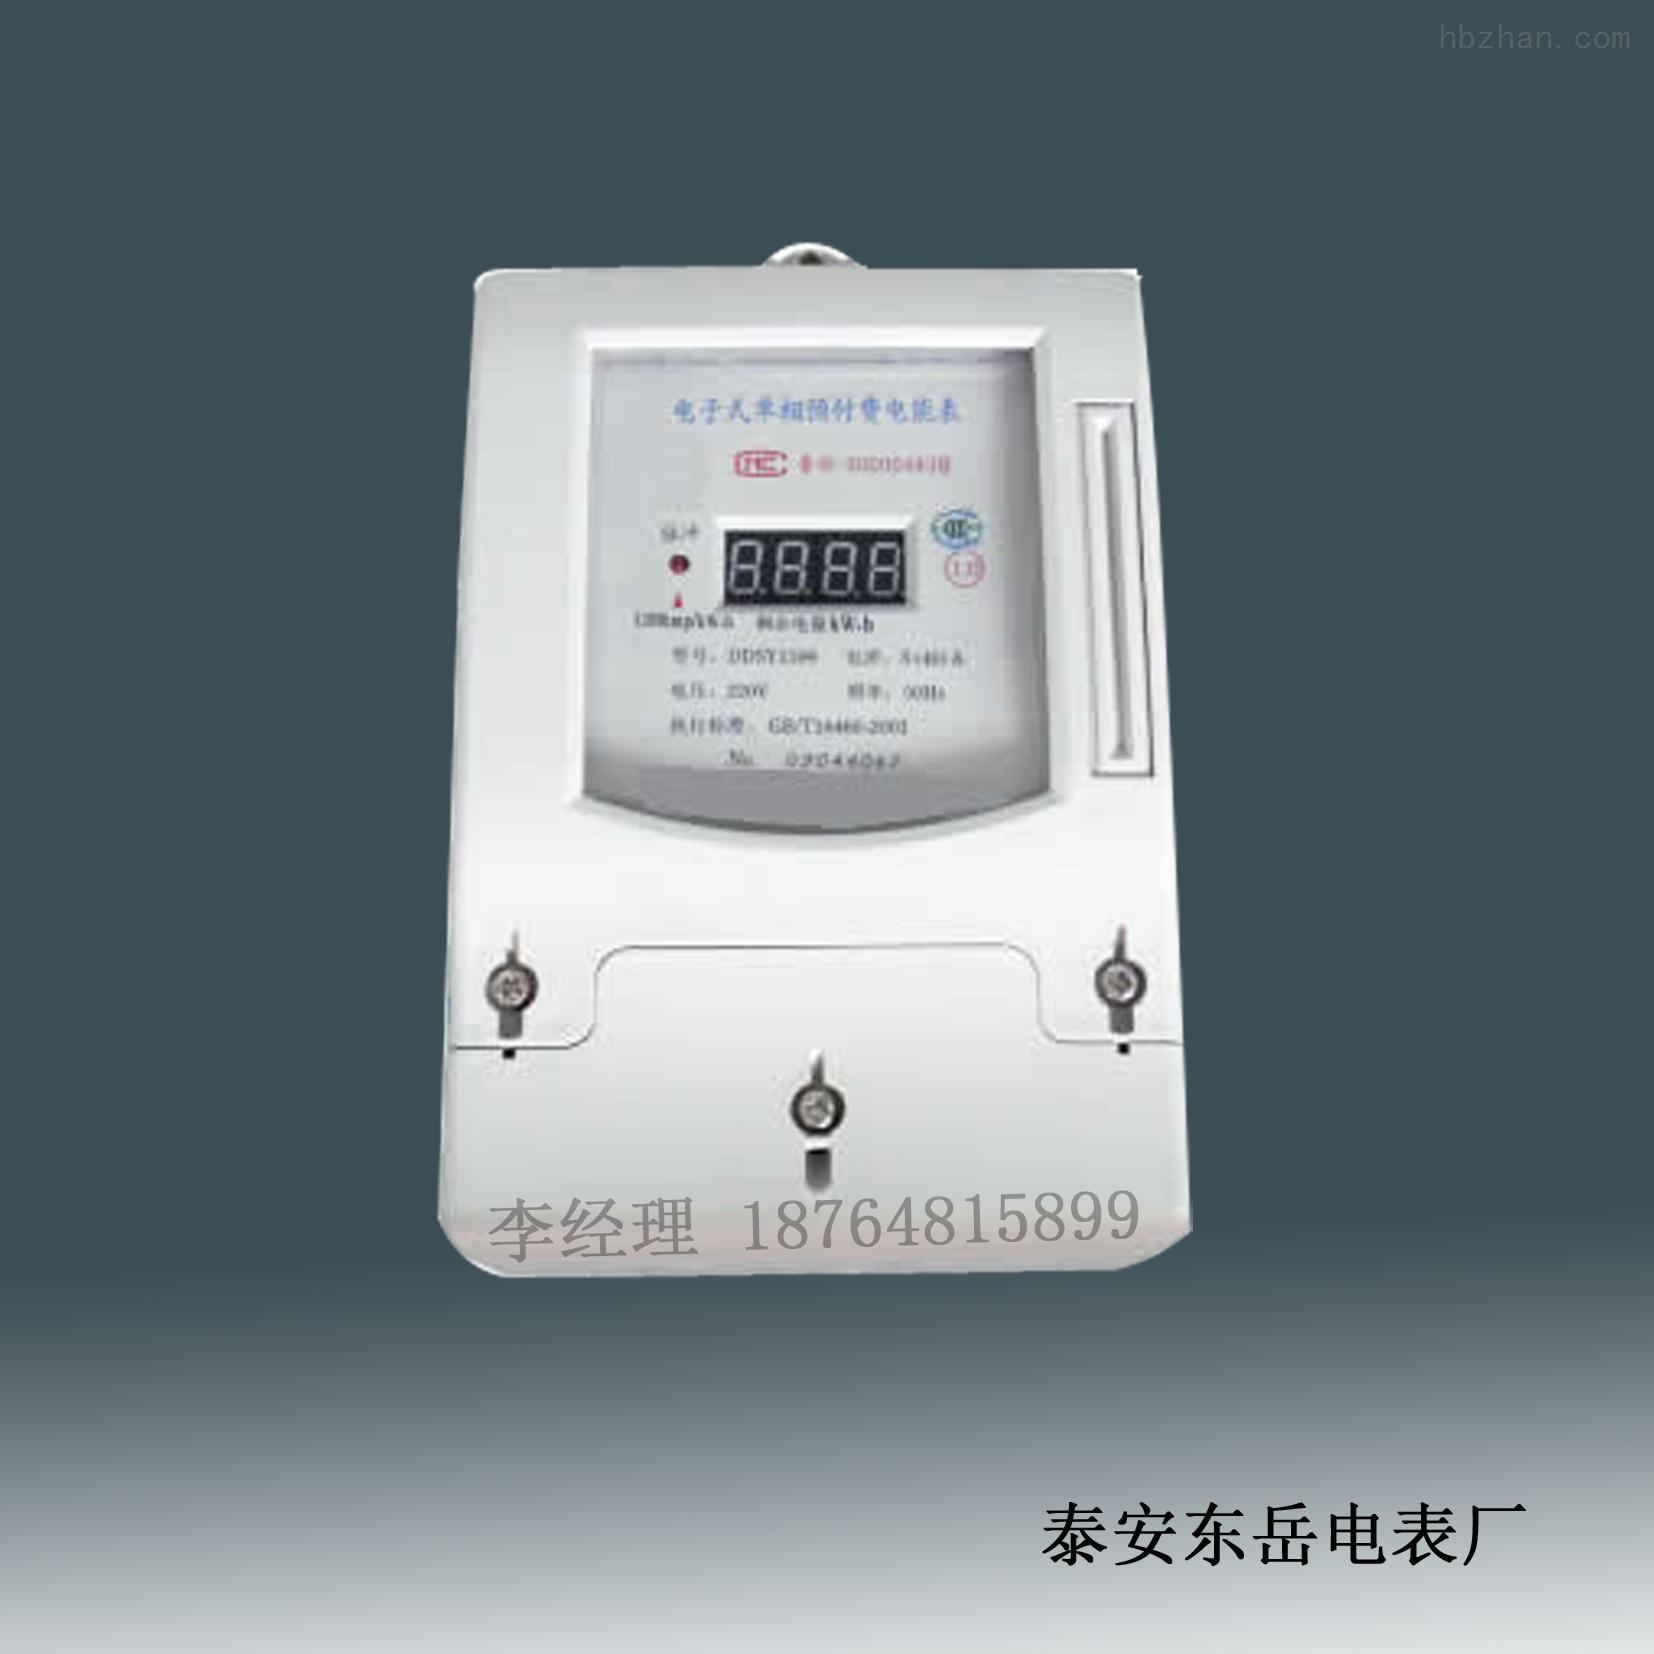 泰安智能电表厂家 泰安预付费电表